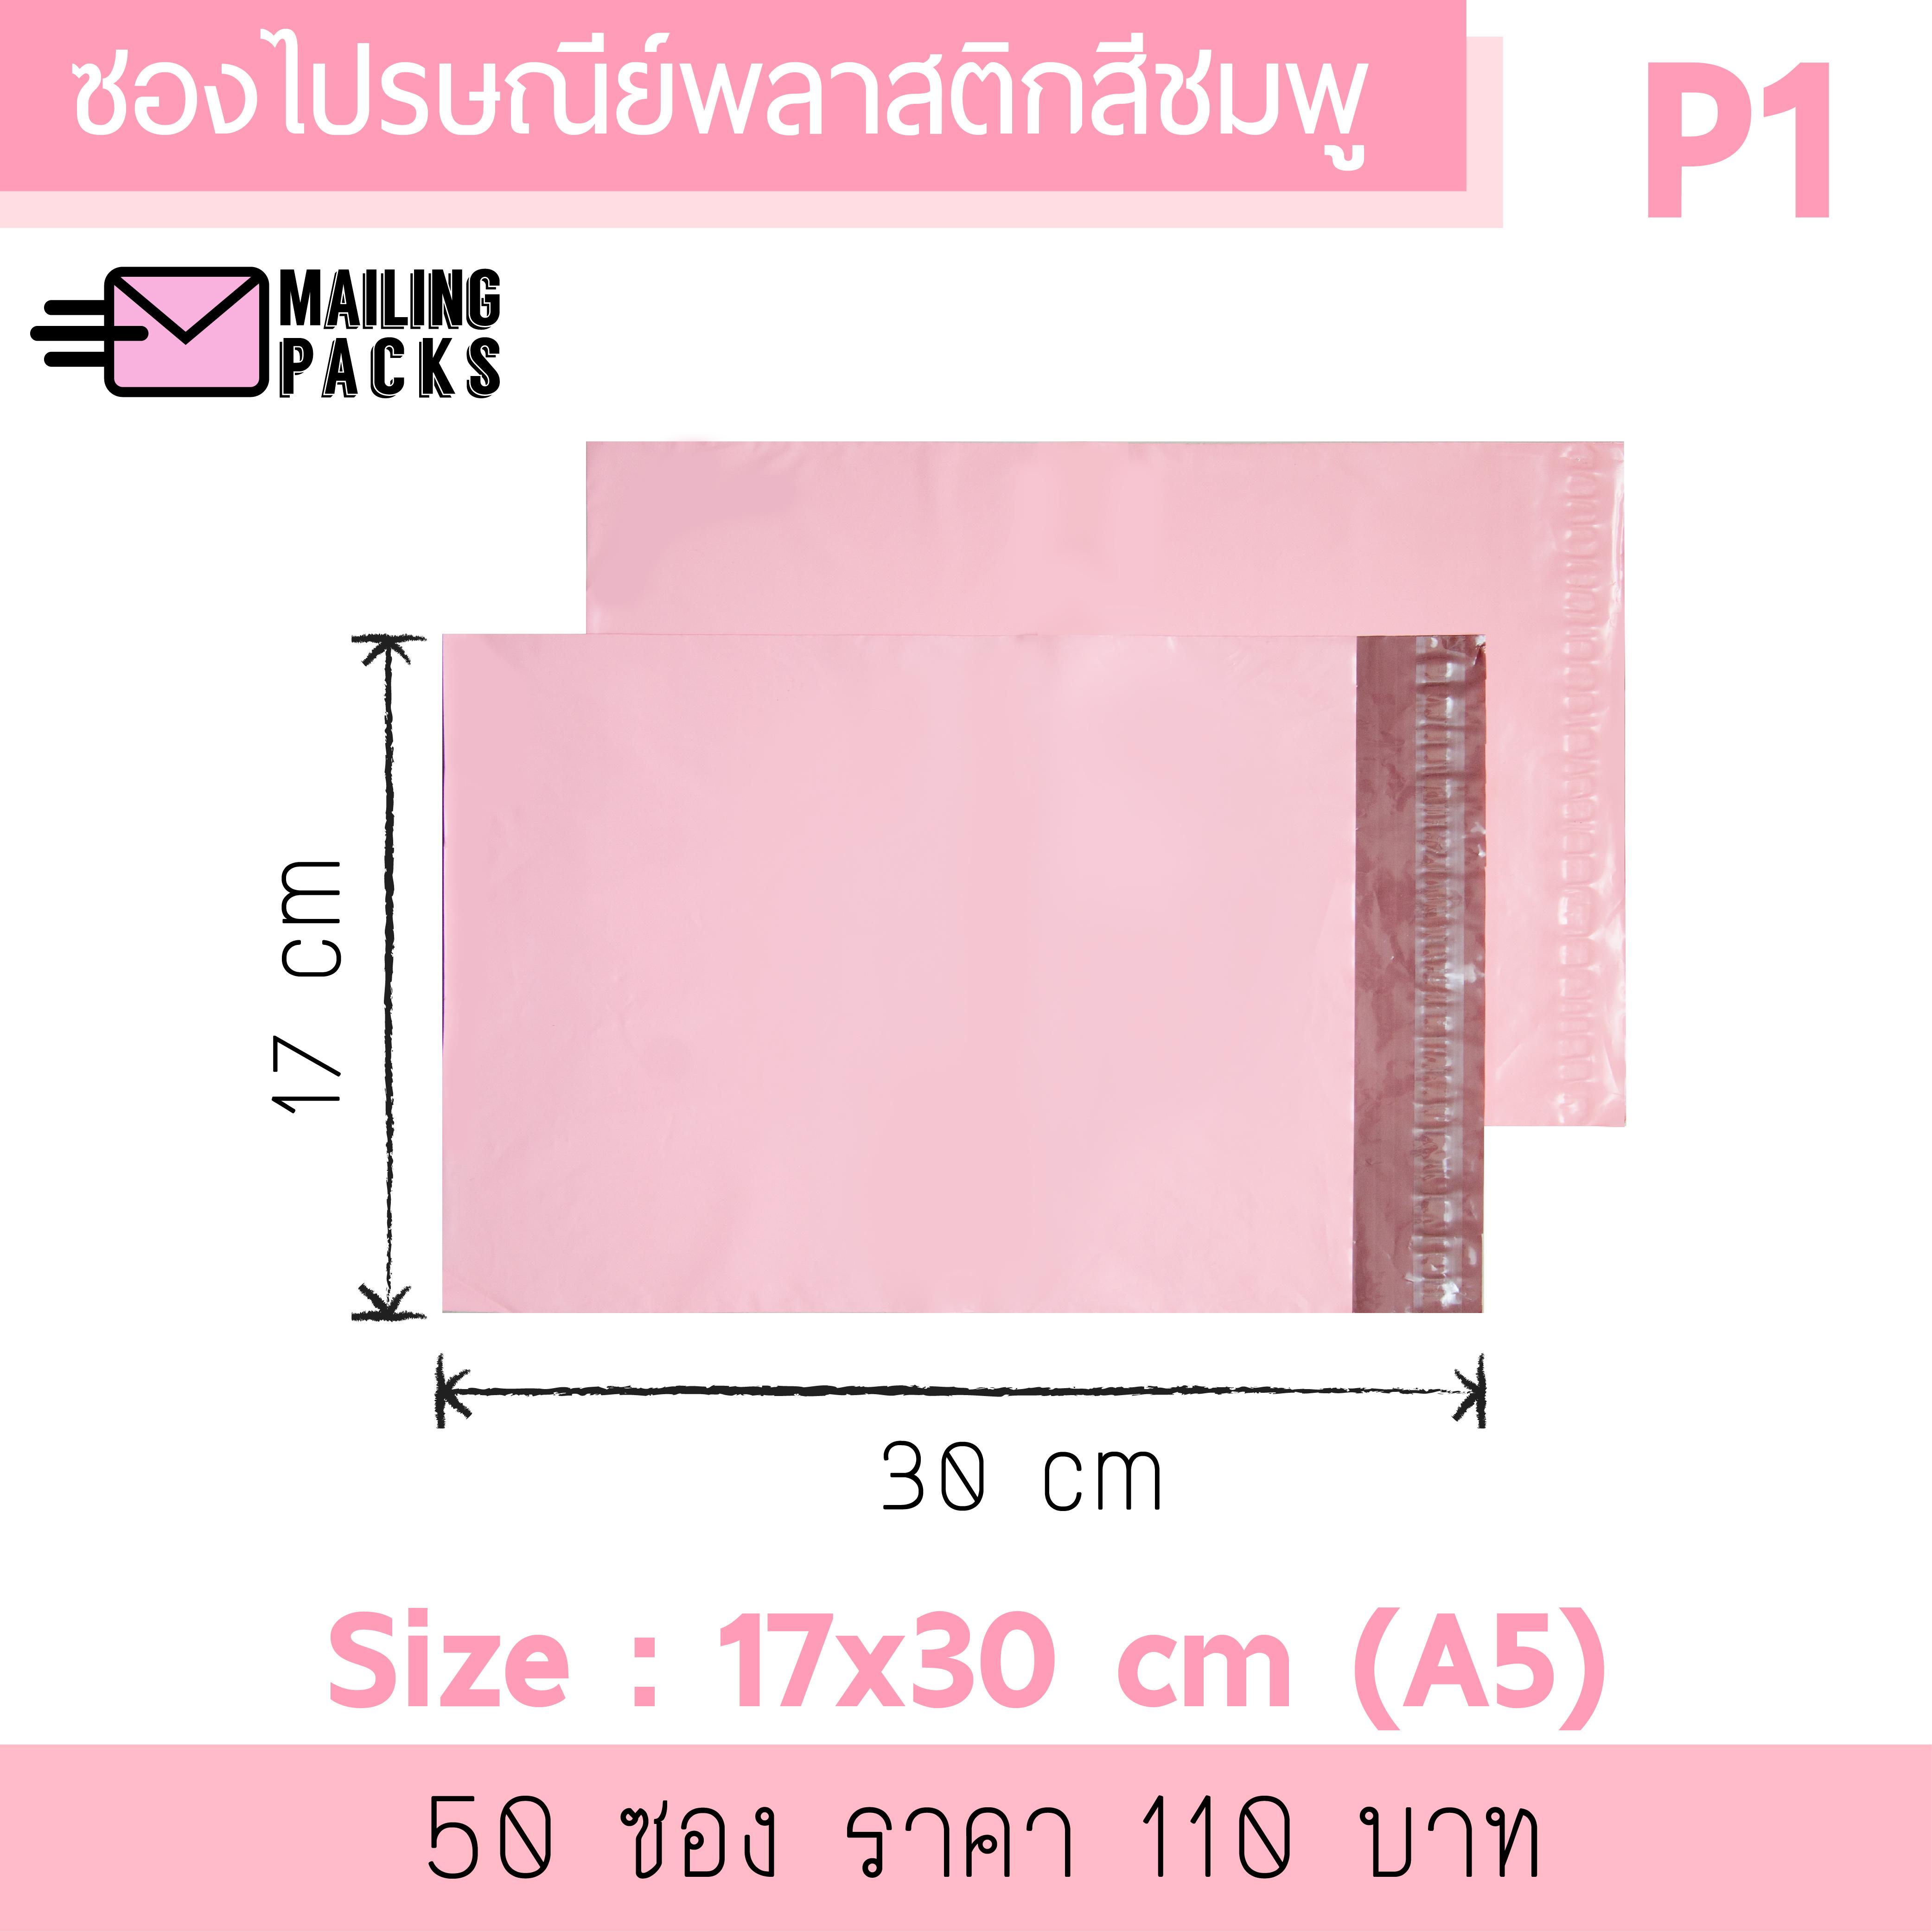 ซองไปรษณีย์พลาสติก สีพาสเทล สีชมพู P1 : 17x30 cm.(50 ซอง)